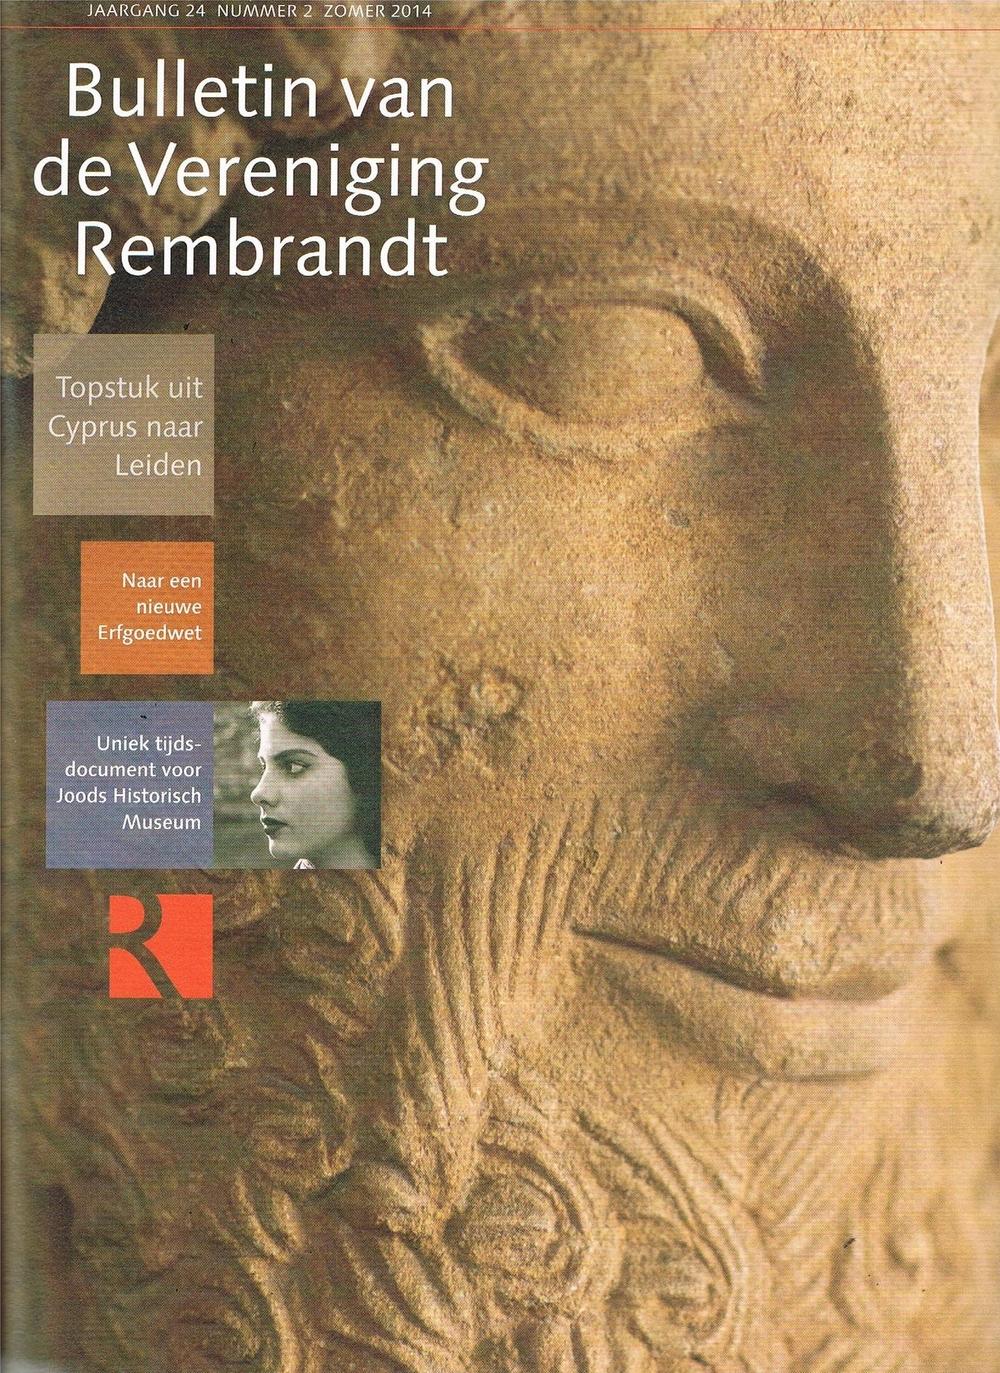 Bulletin van de Vereniging Rembrandt.jpg